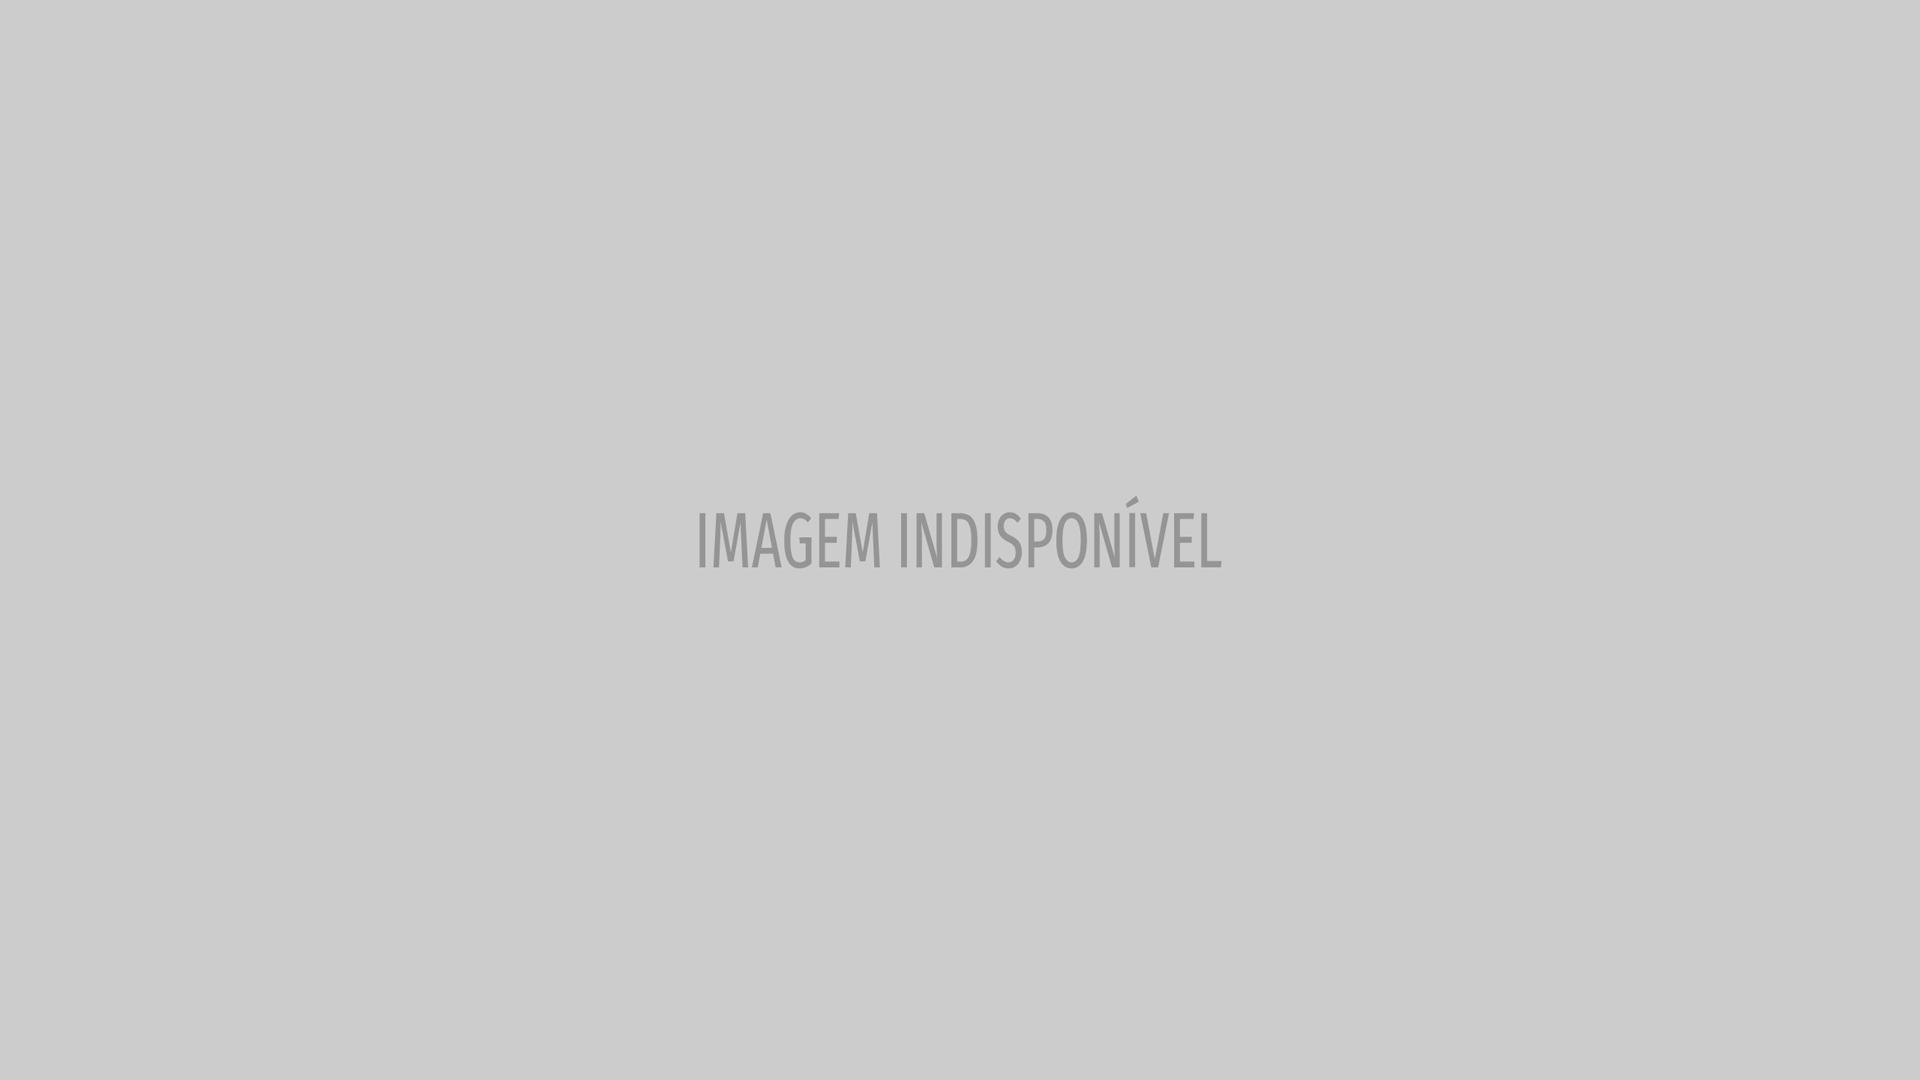 Madonna visita favela do Rio de Janeiro e posa com policiais